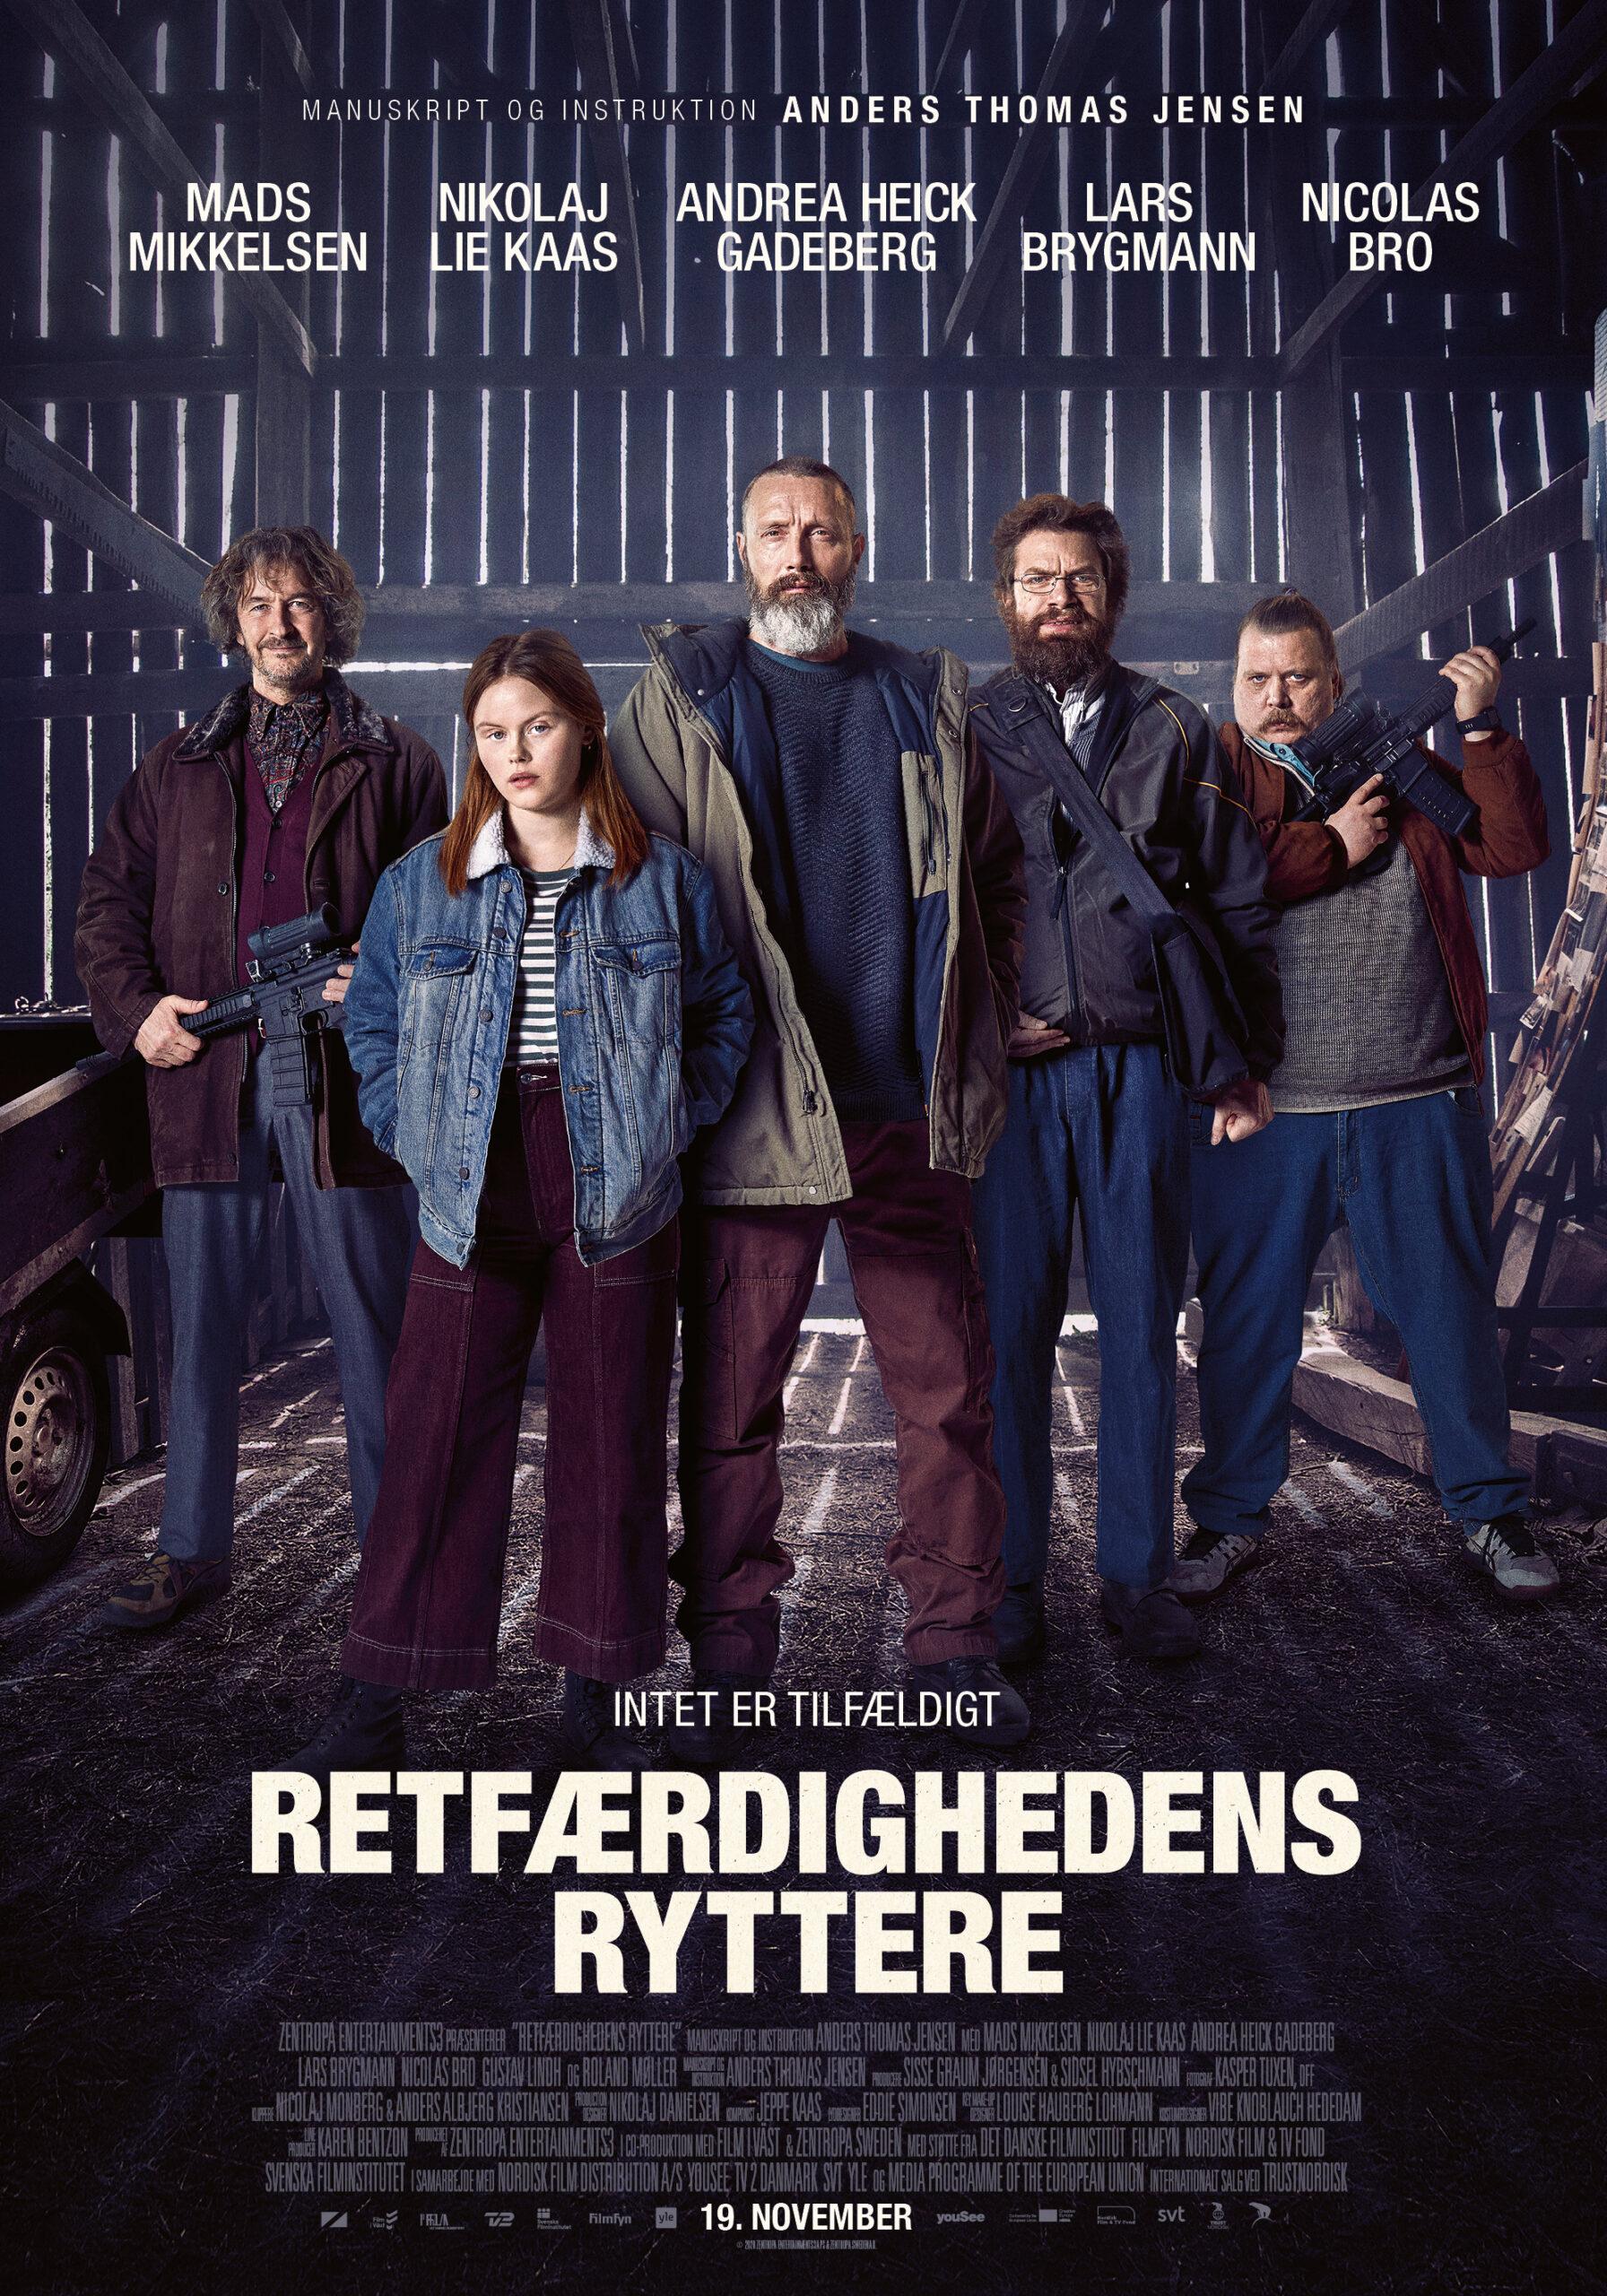 Poster:RETFÆRDIGHEDENS RYTTERE